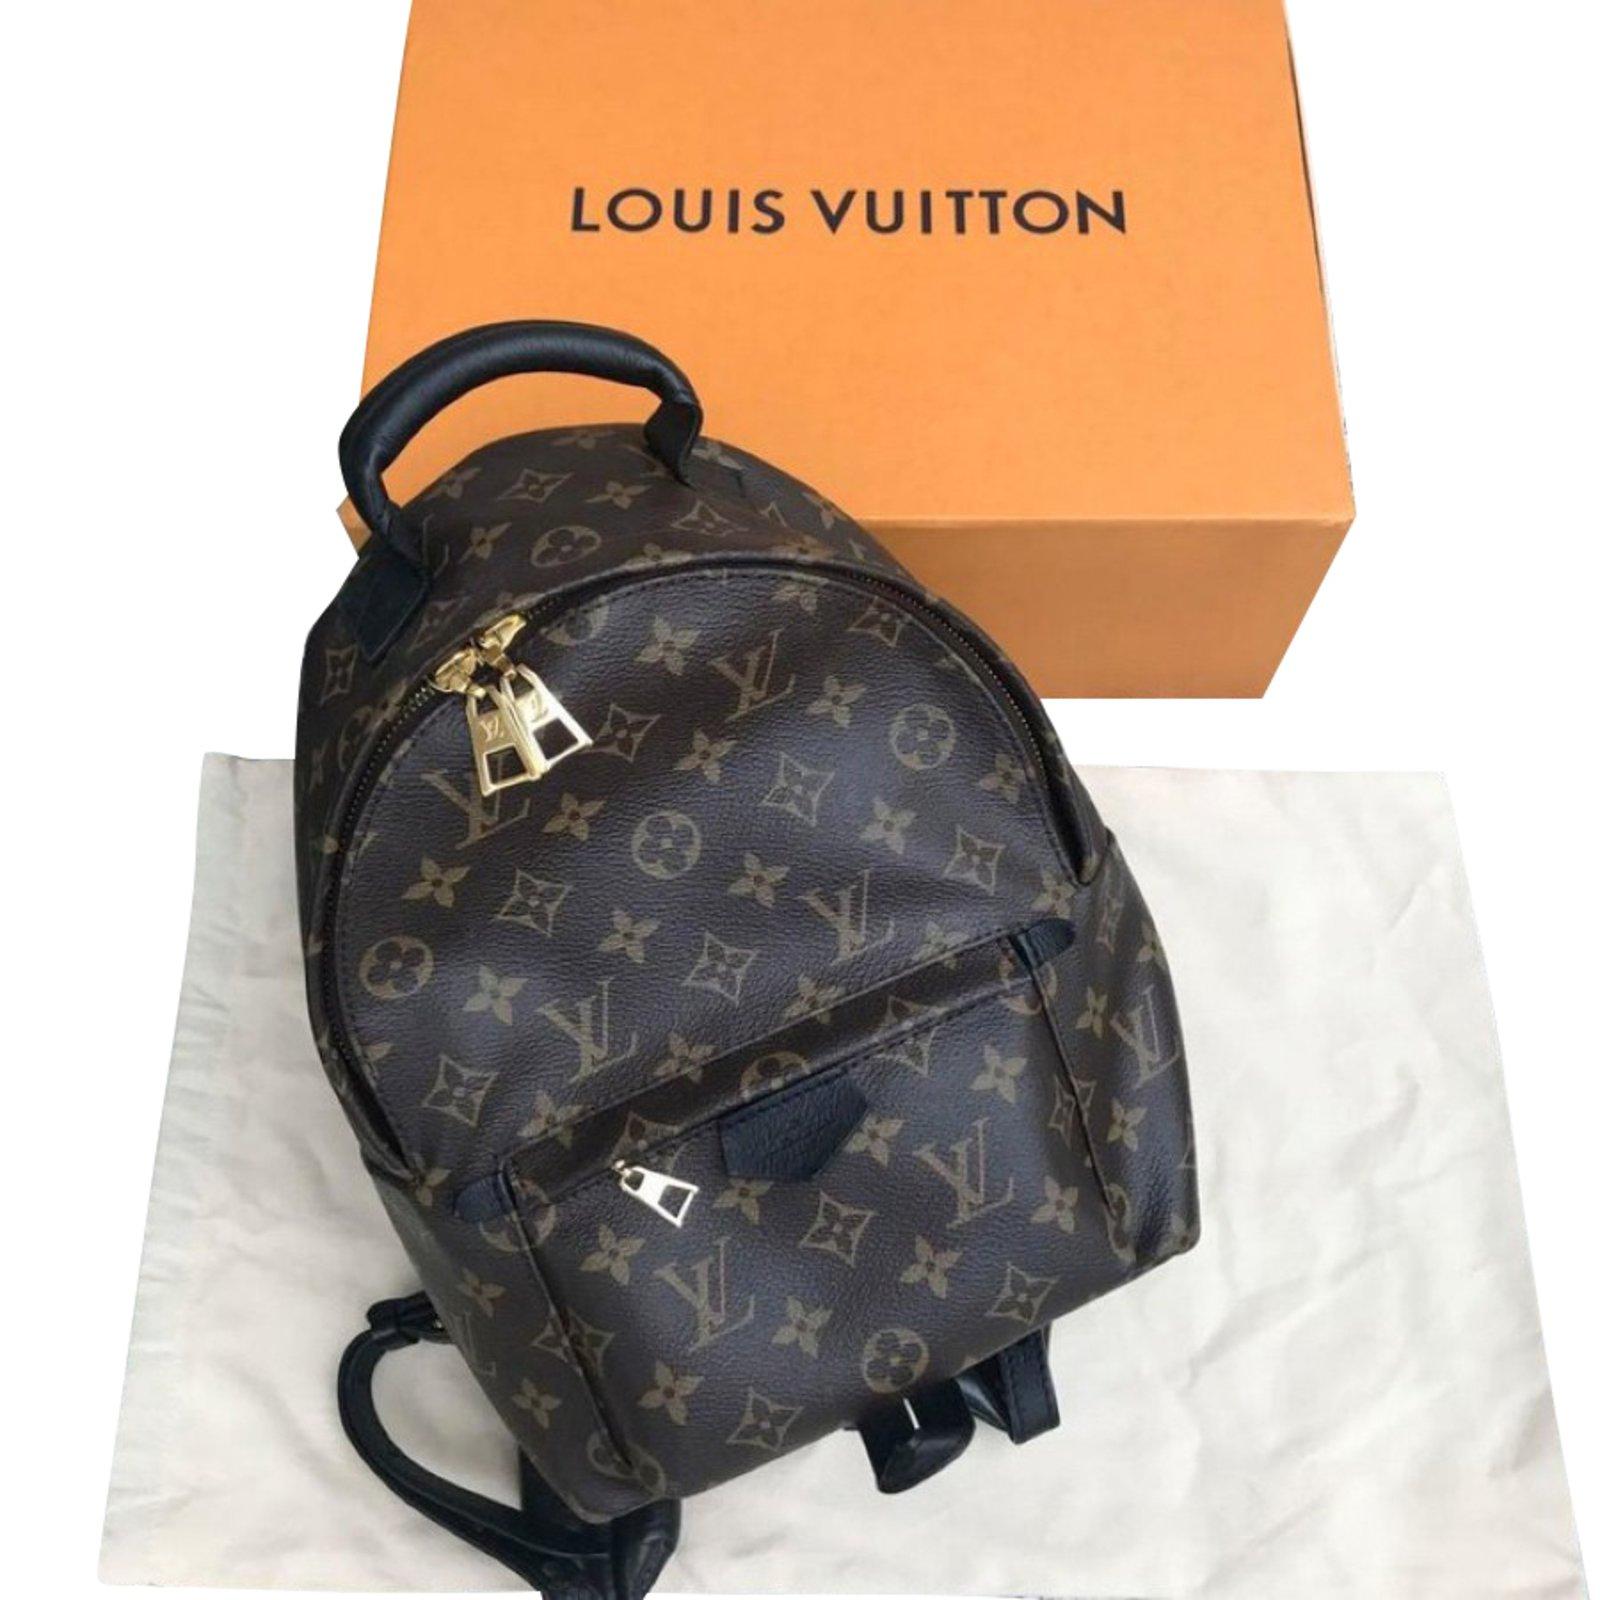 b112d3b7e50 Louis Vuitton Sac A Dos Palm Springs